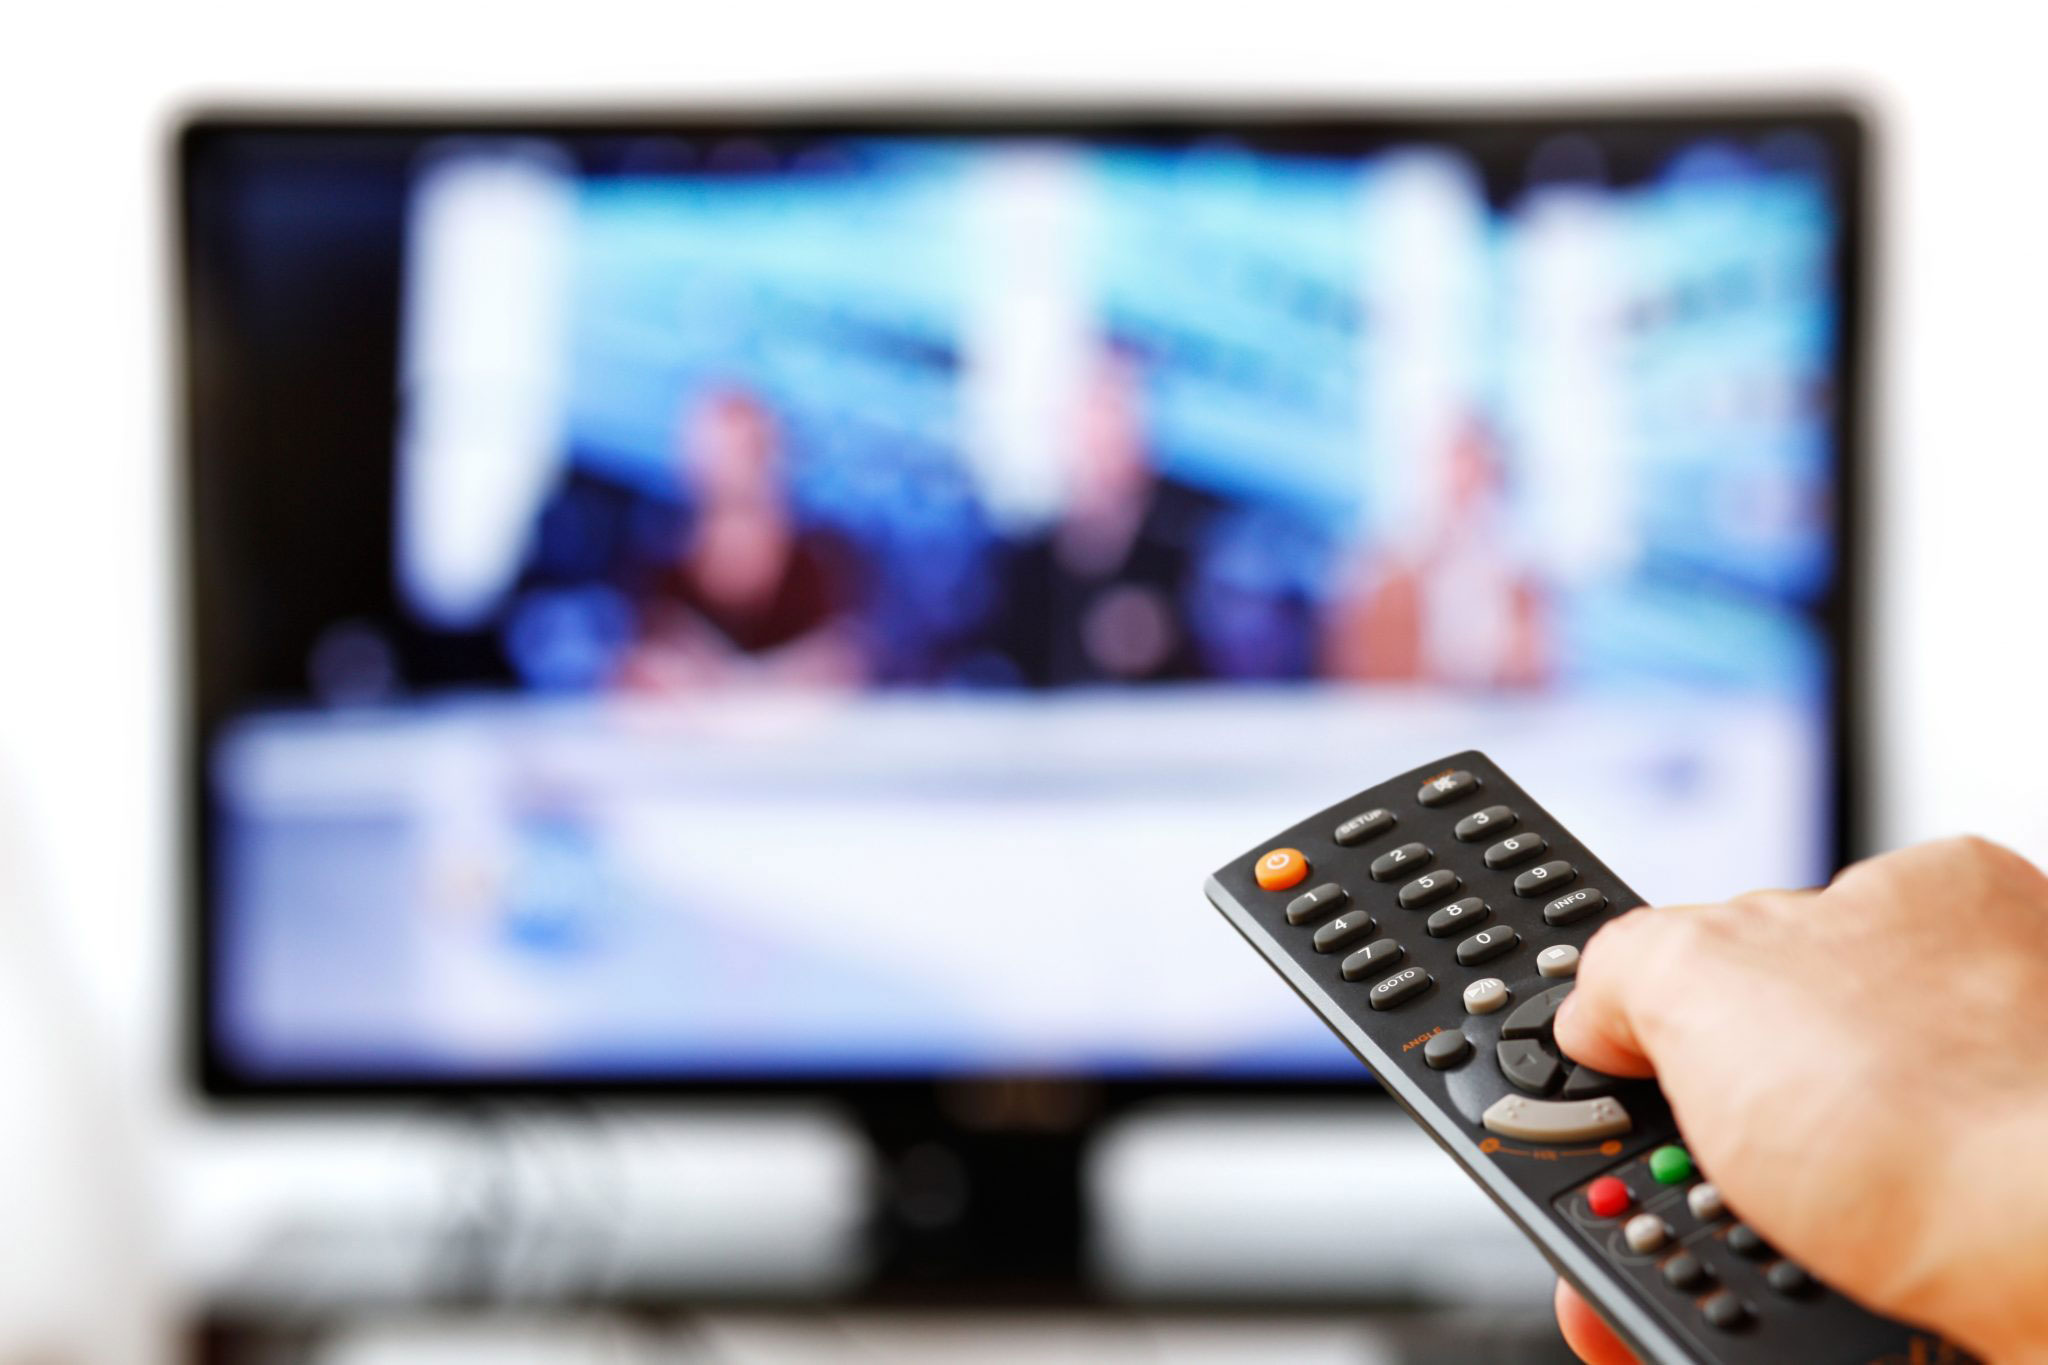 Gələn ay Azərbaycanda yeni telekanal açılır